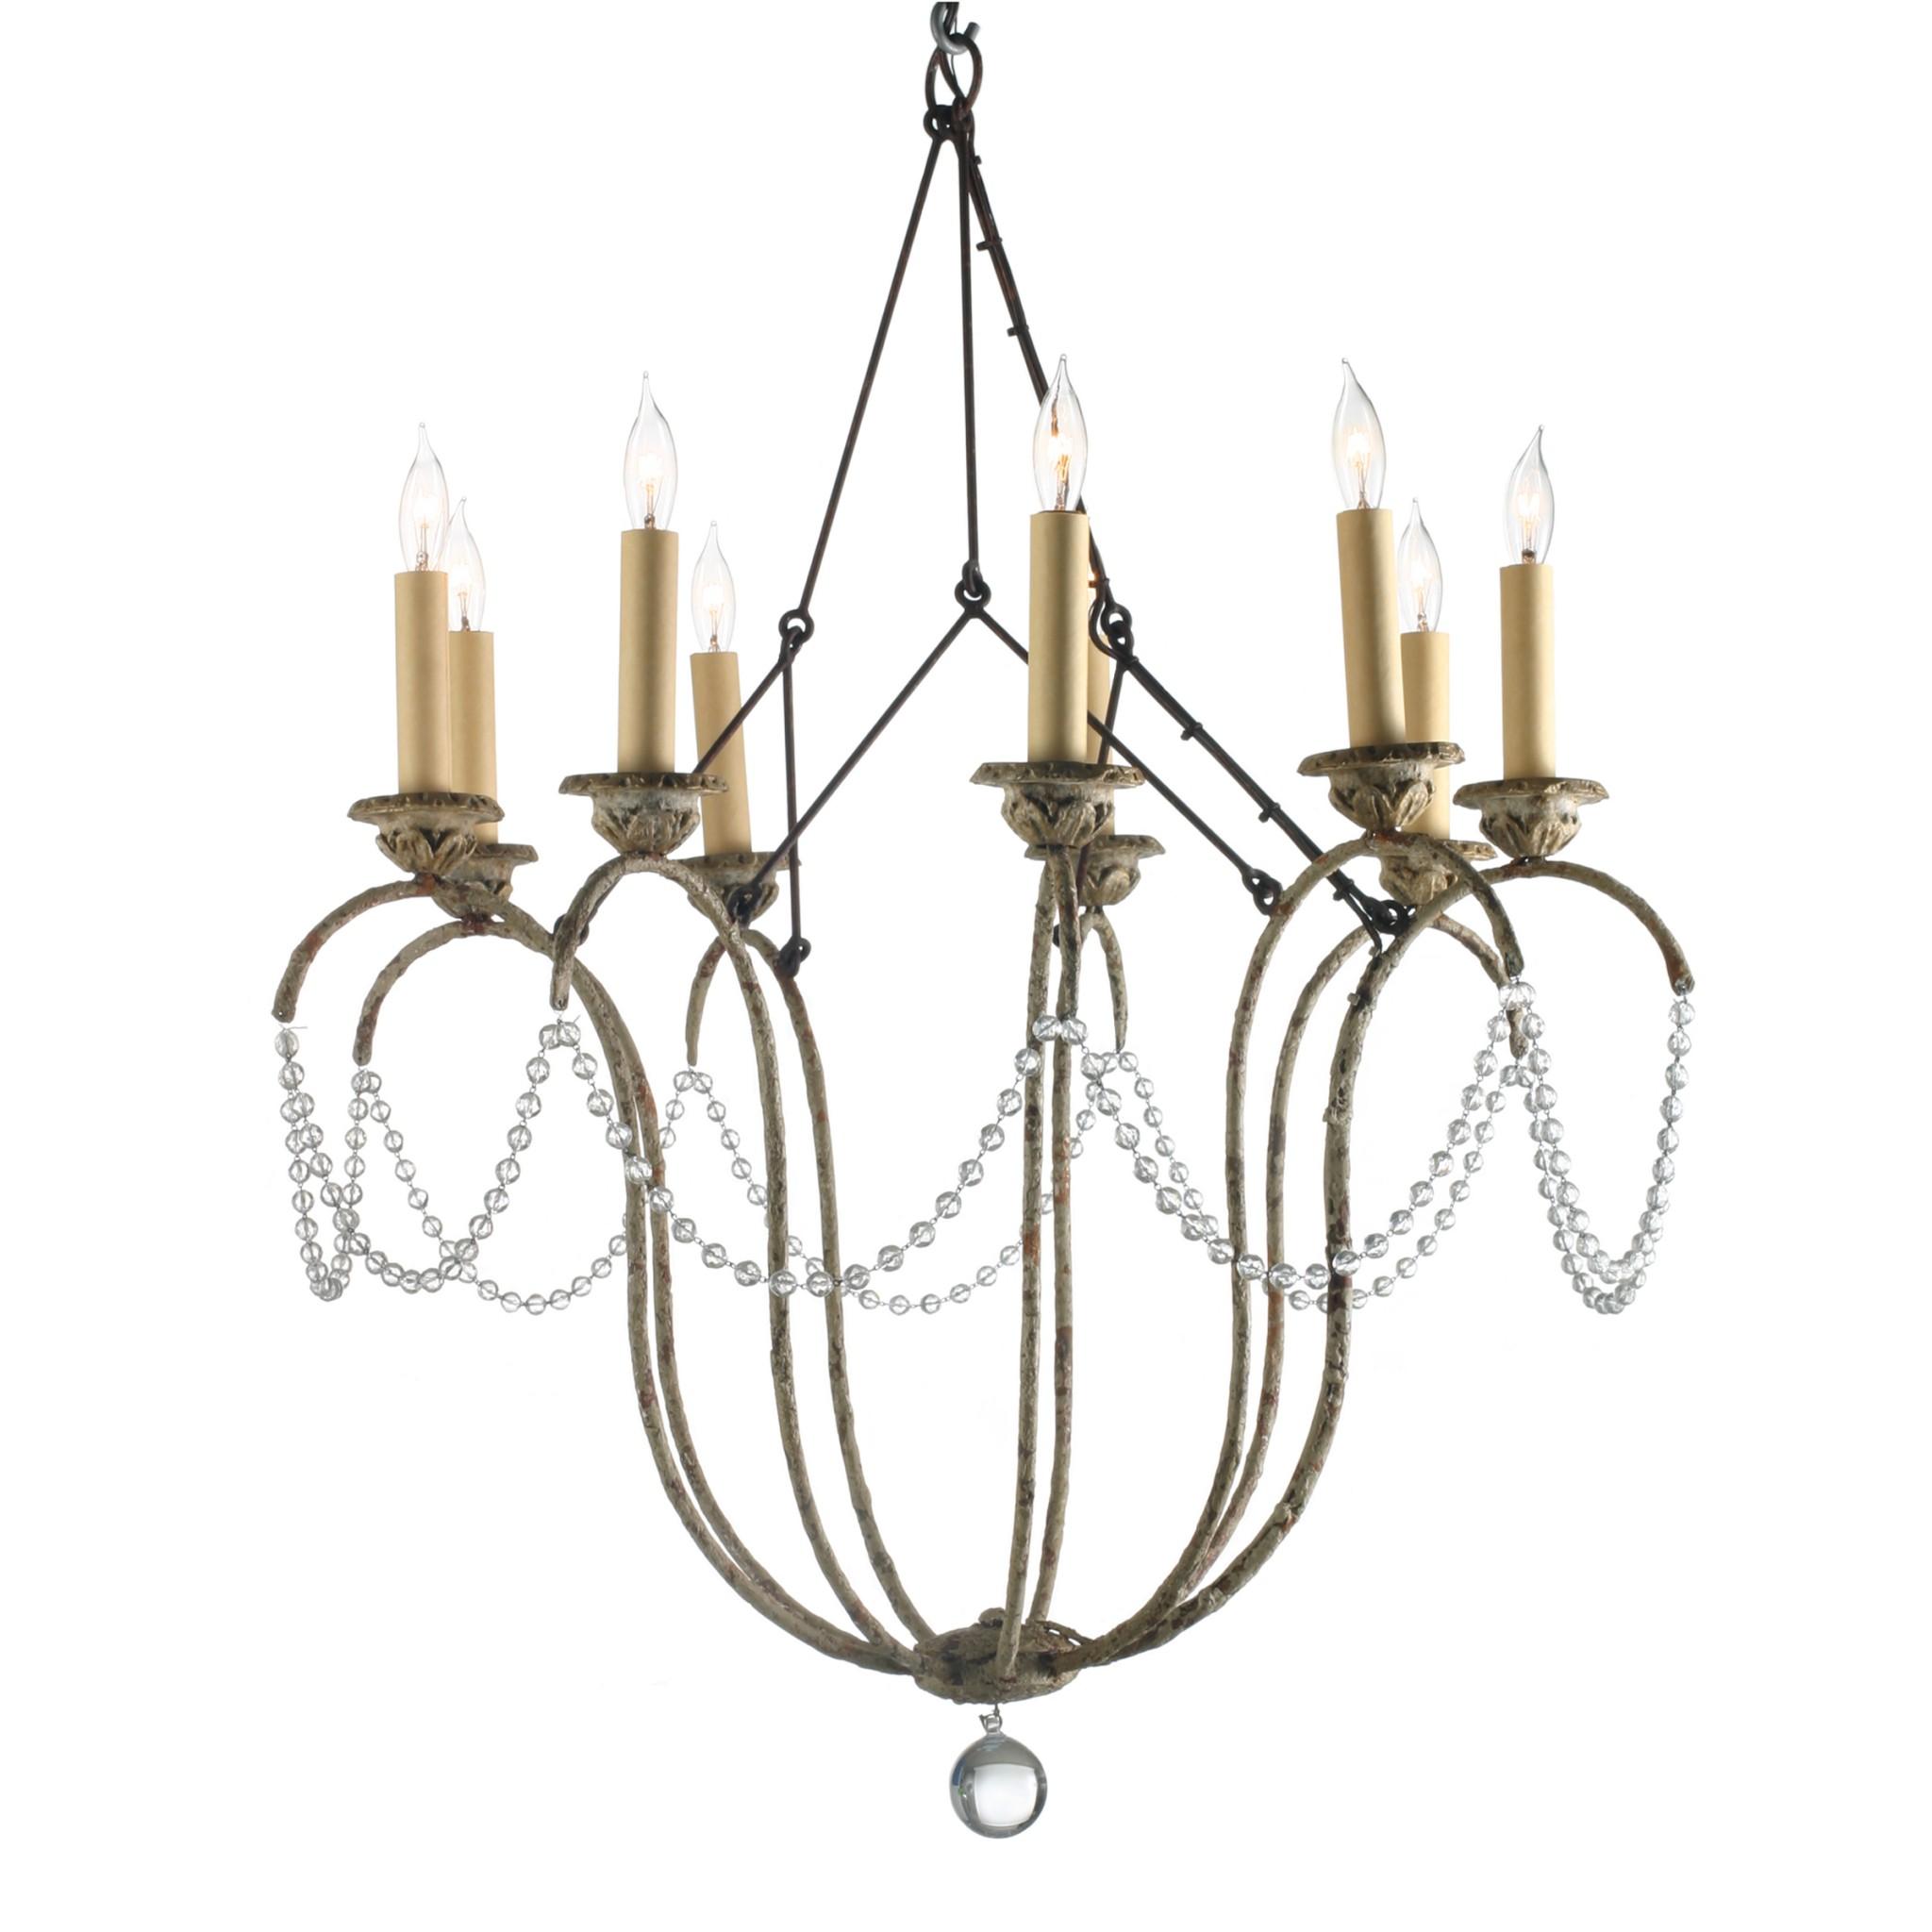 Drawn chandelier fancy chandelier Weeks Neimans Niermann Niermann Furniture